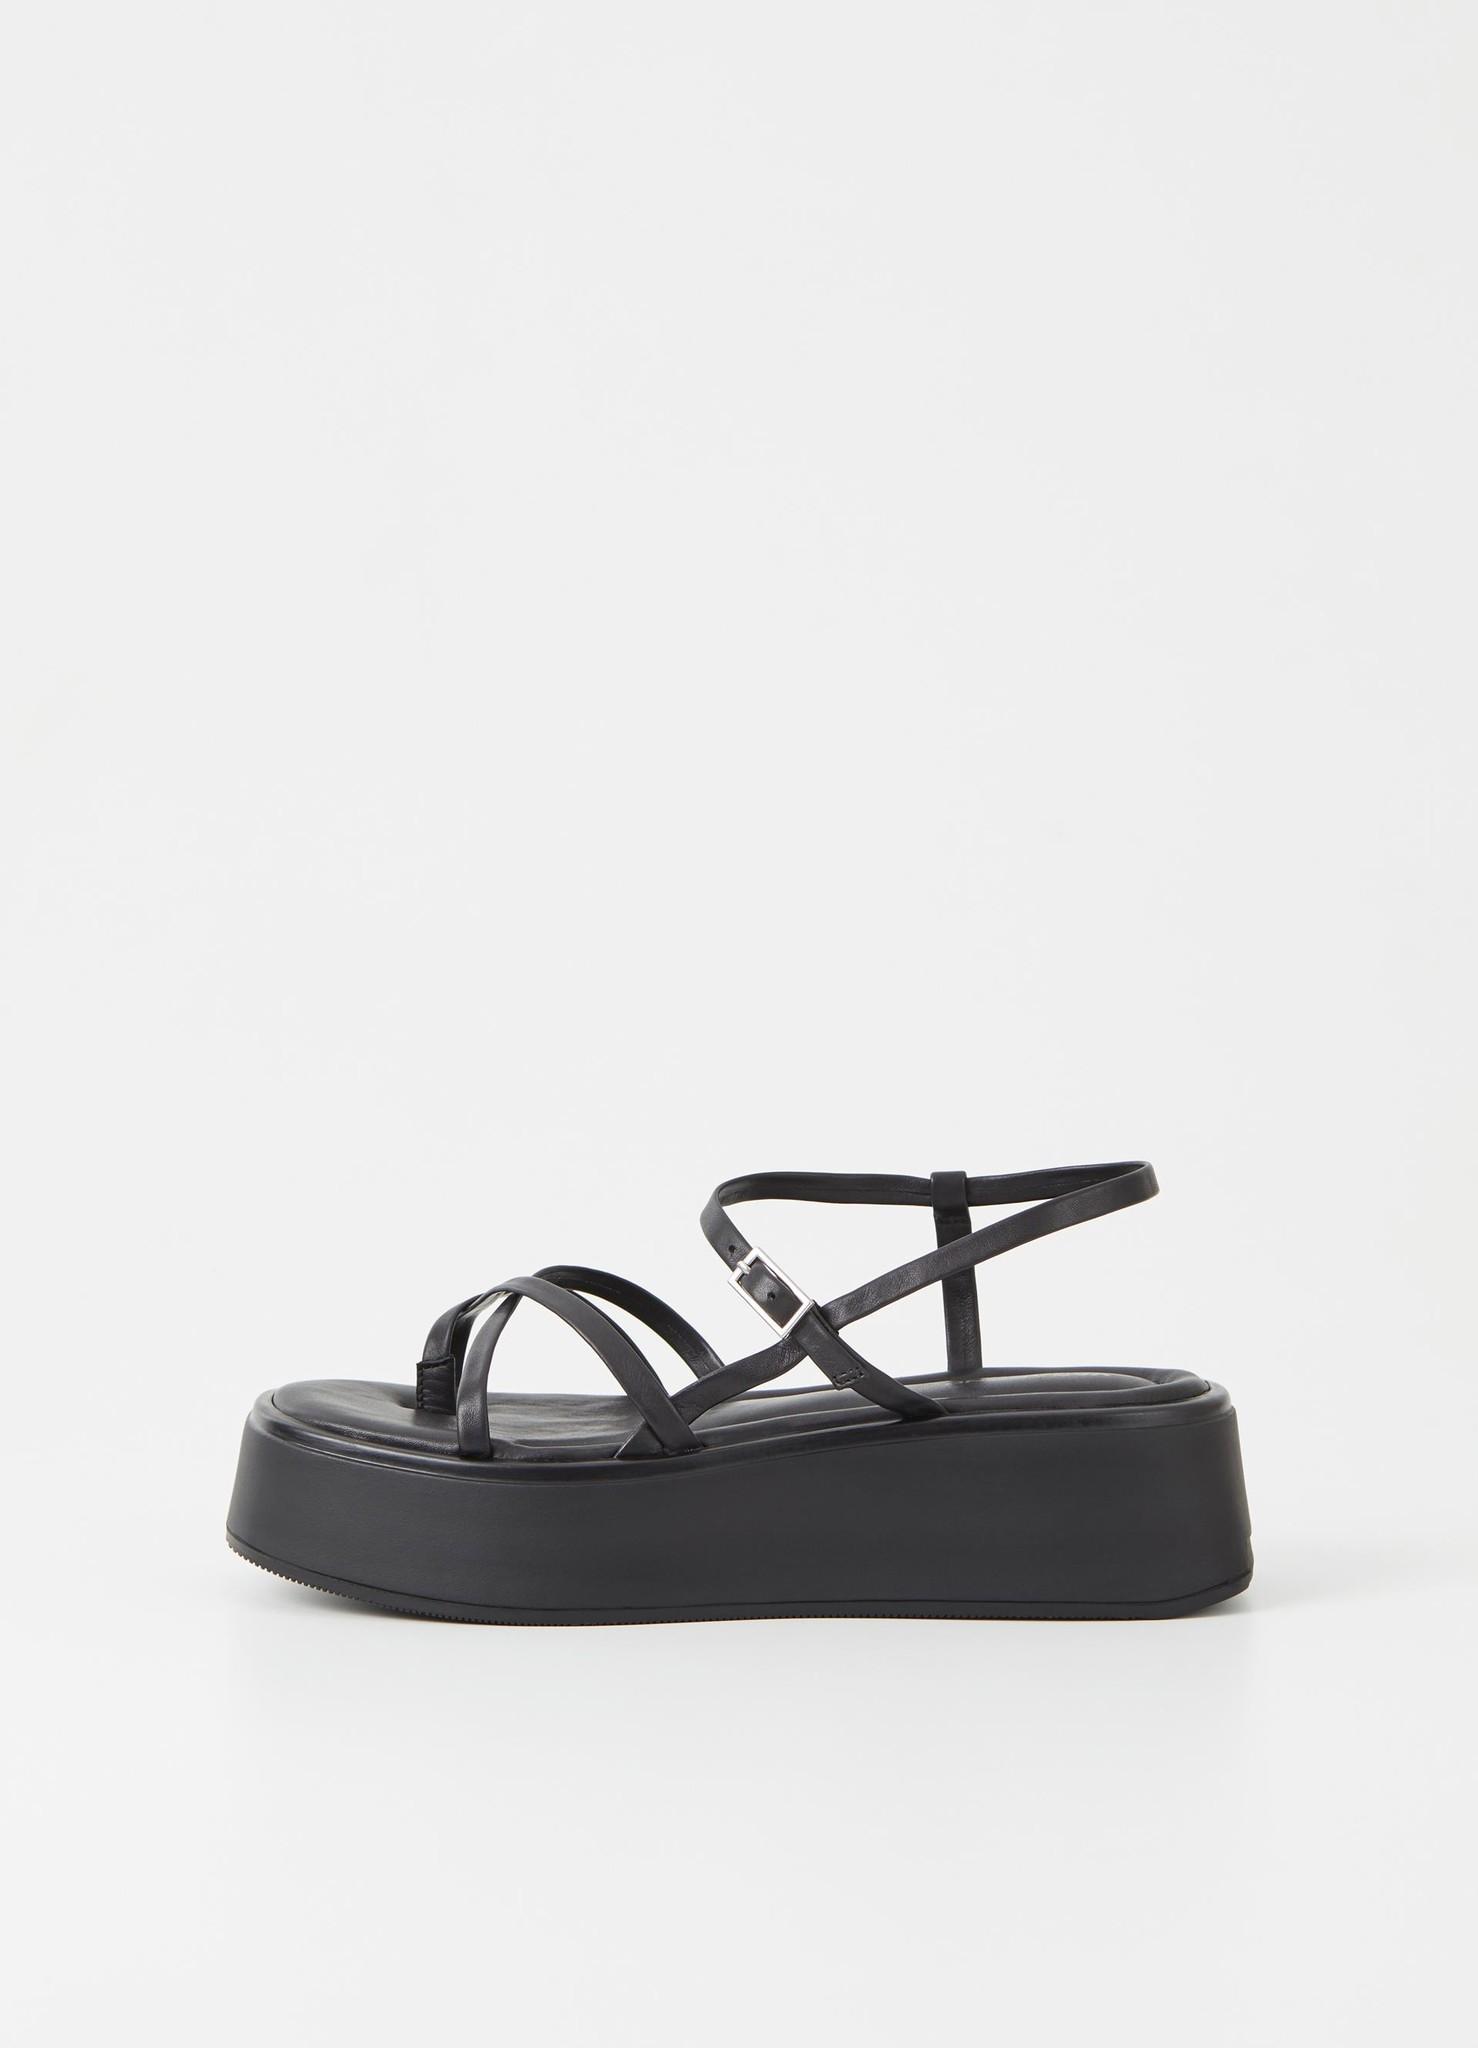 Courtney Black Leather Sandel-1